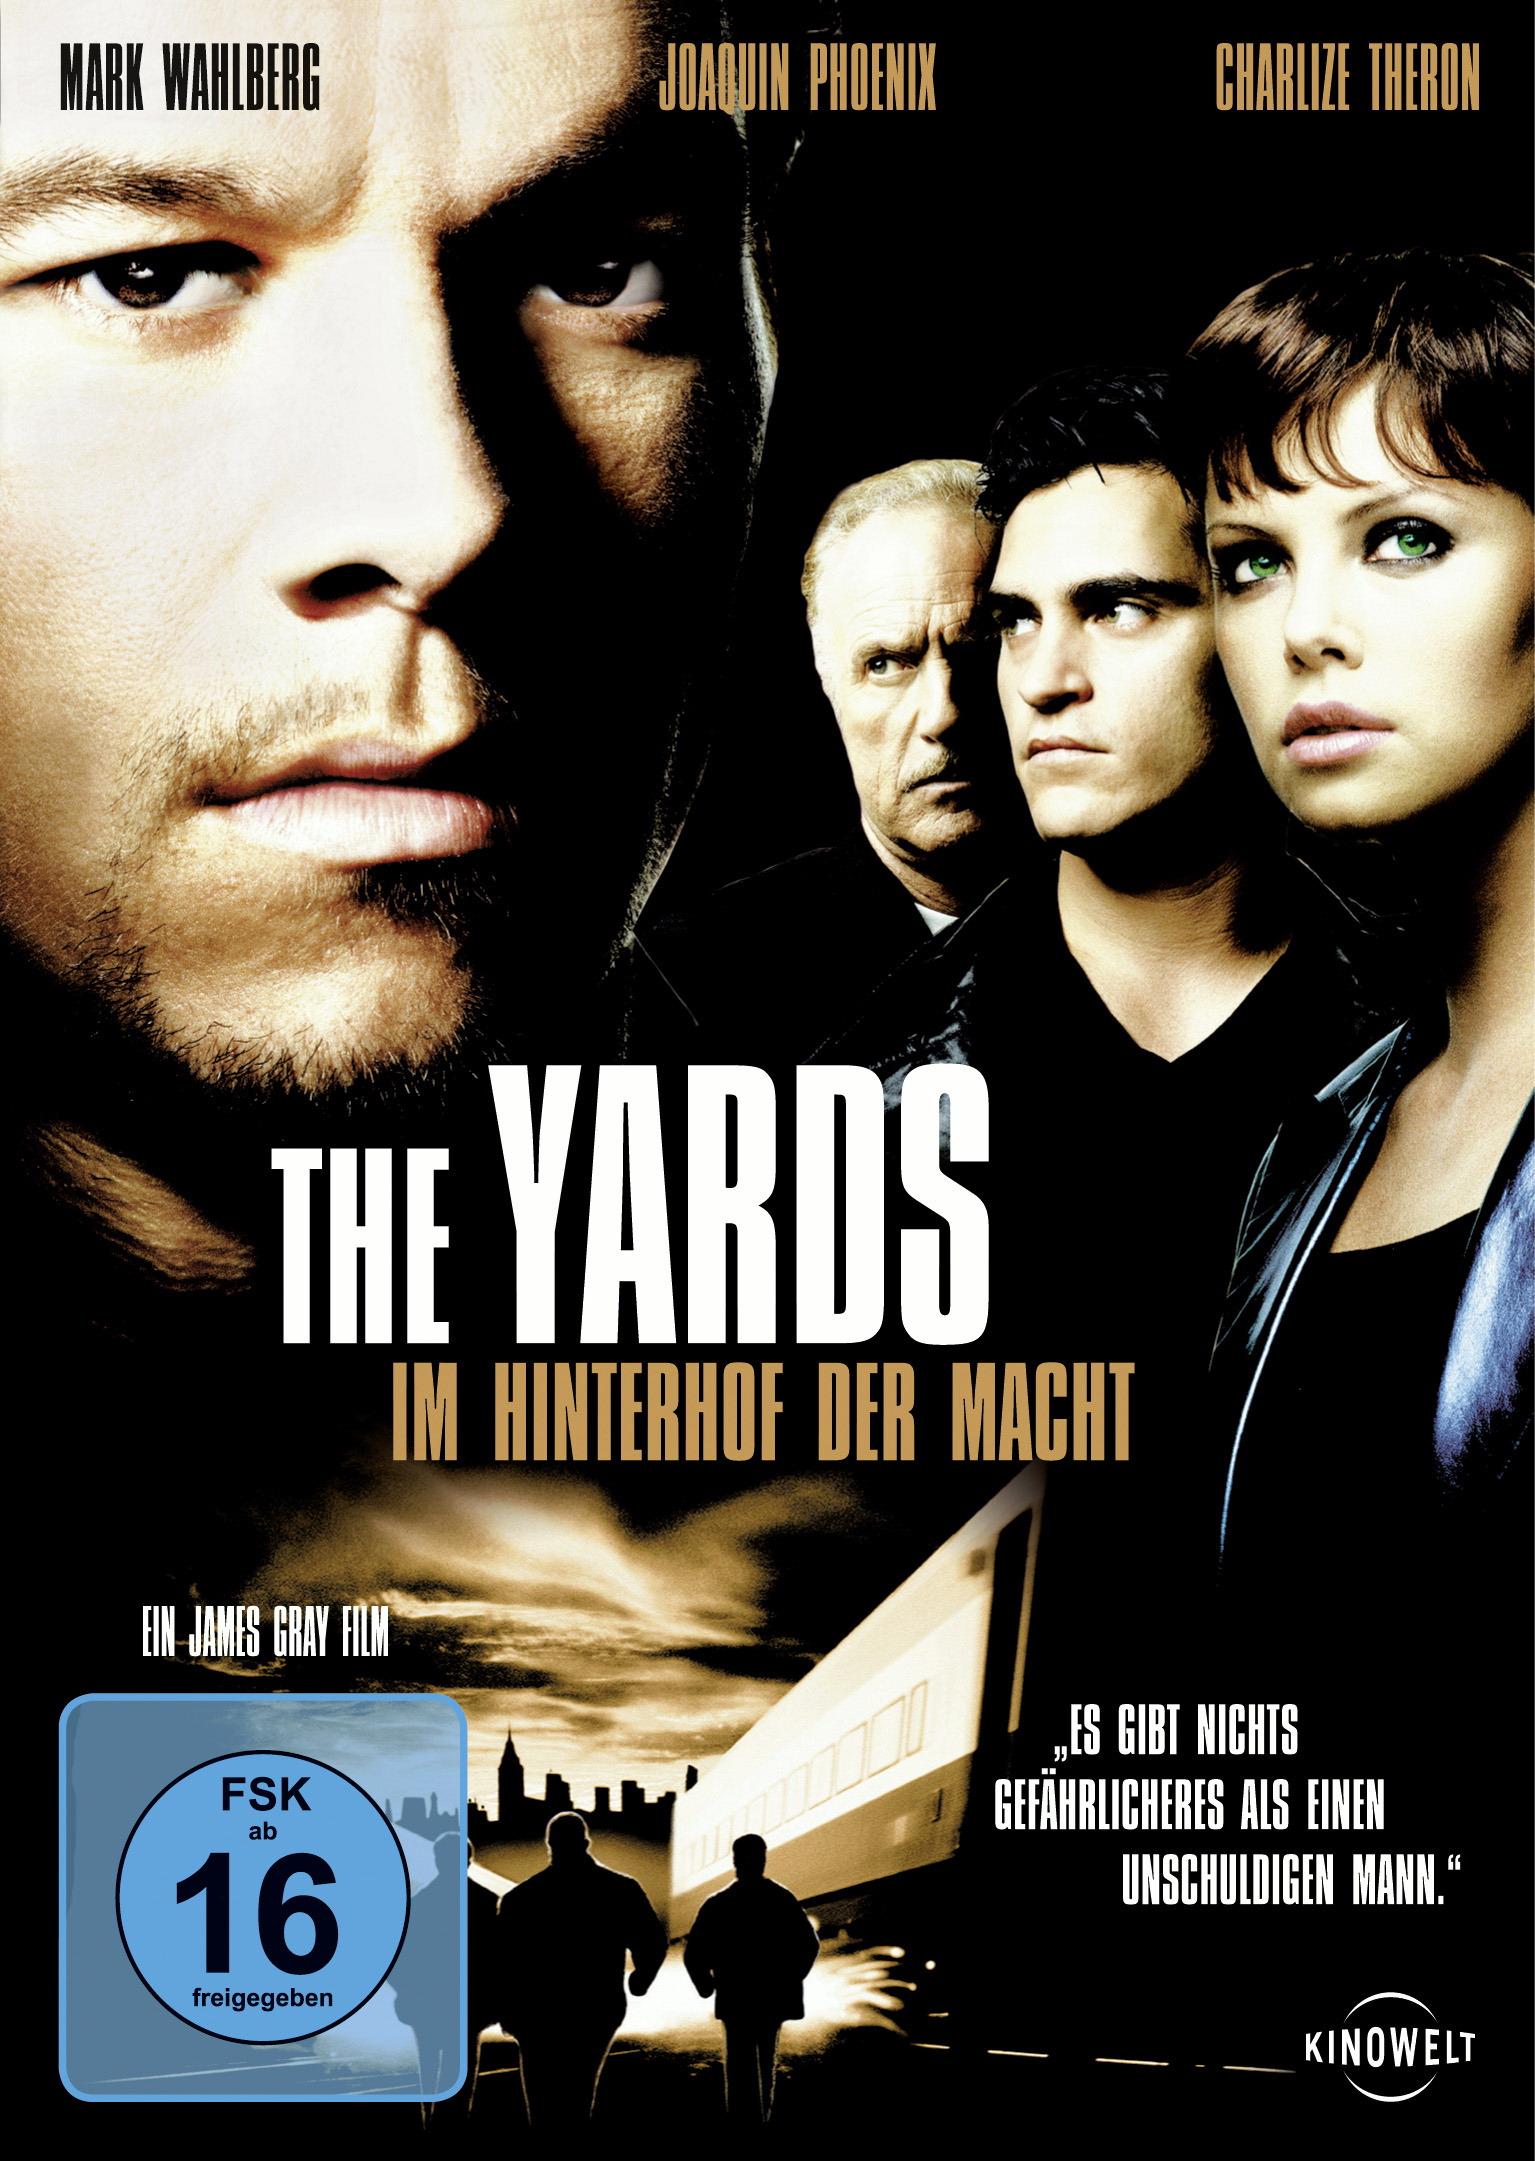 The Yards - Im Hinterhof der Macht Poster